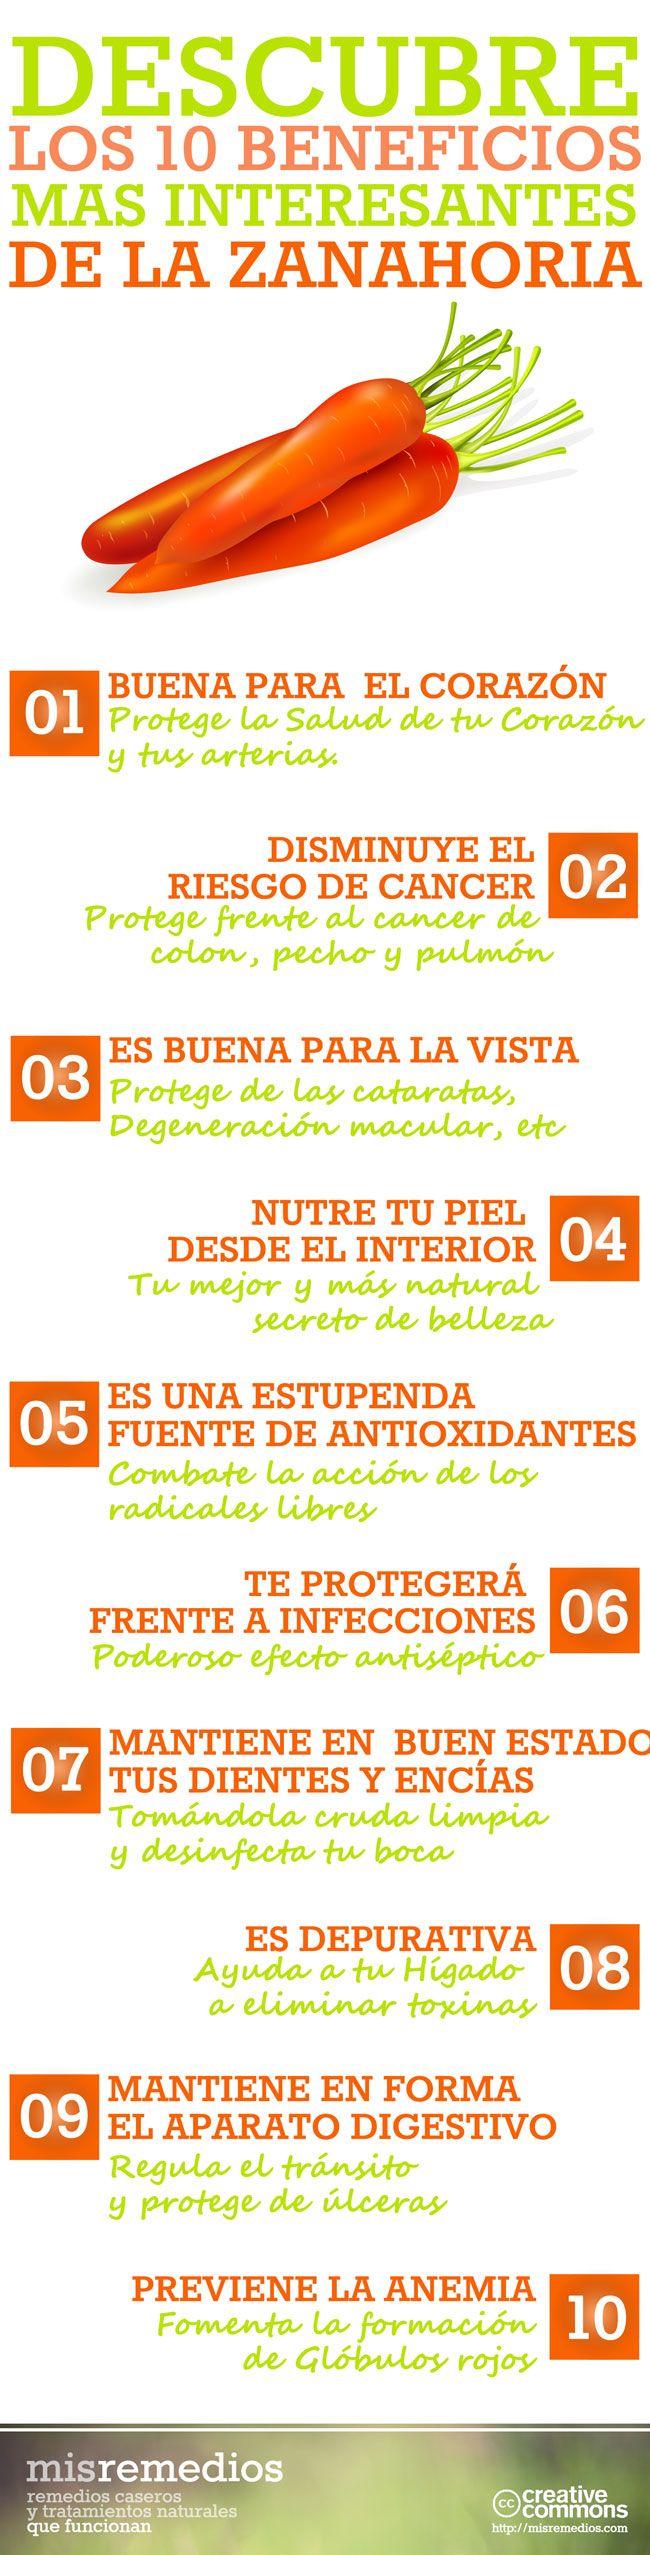 Descubre los 10 Beneficios más Interesantes de la Zanahoria